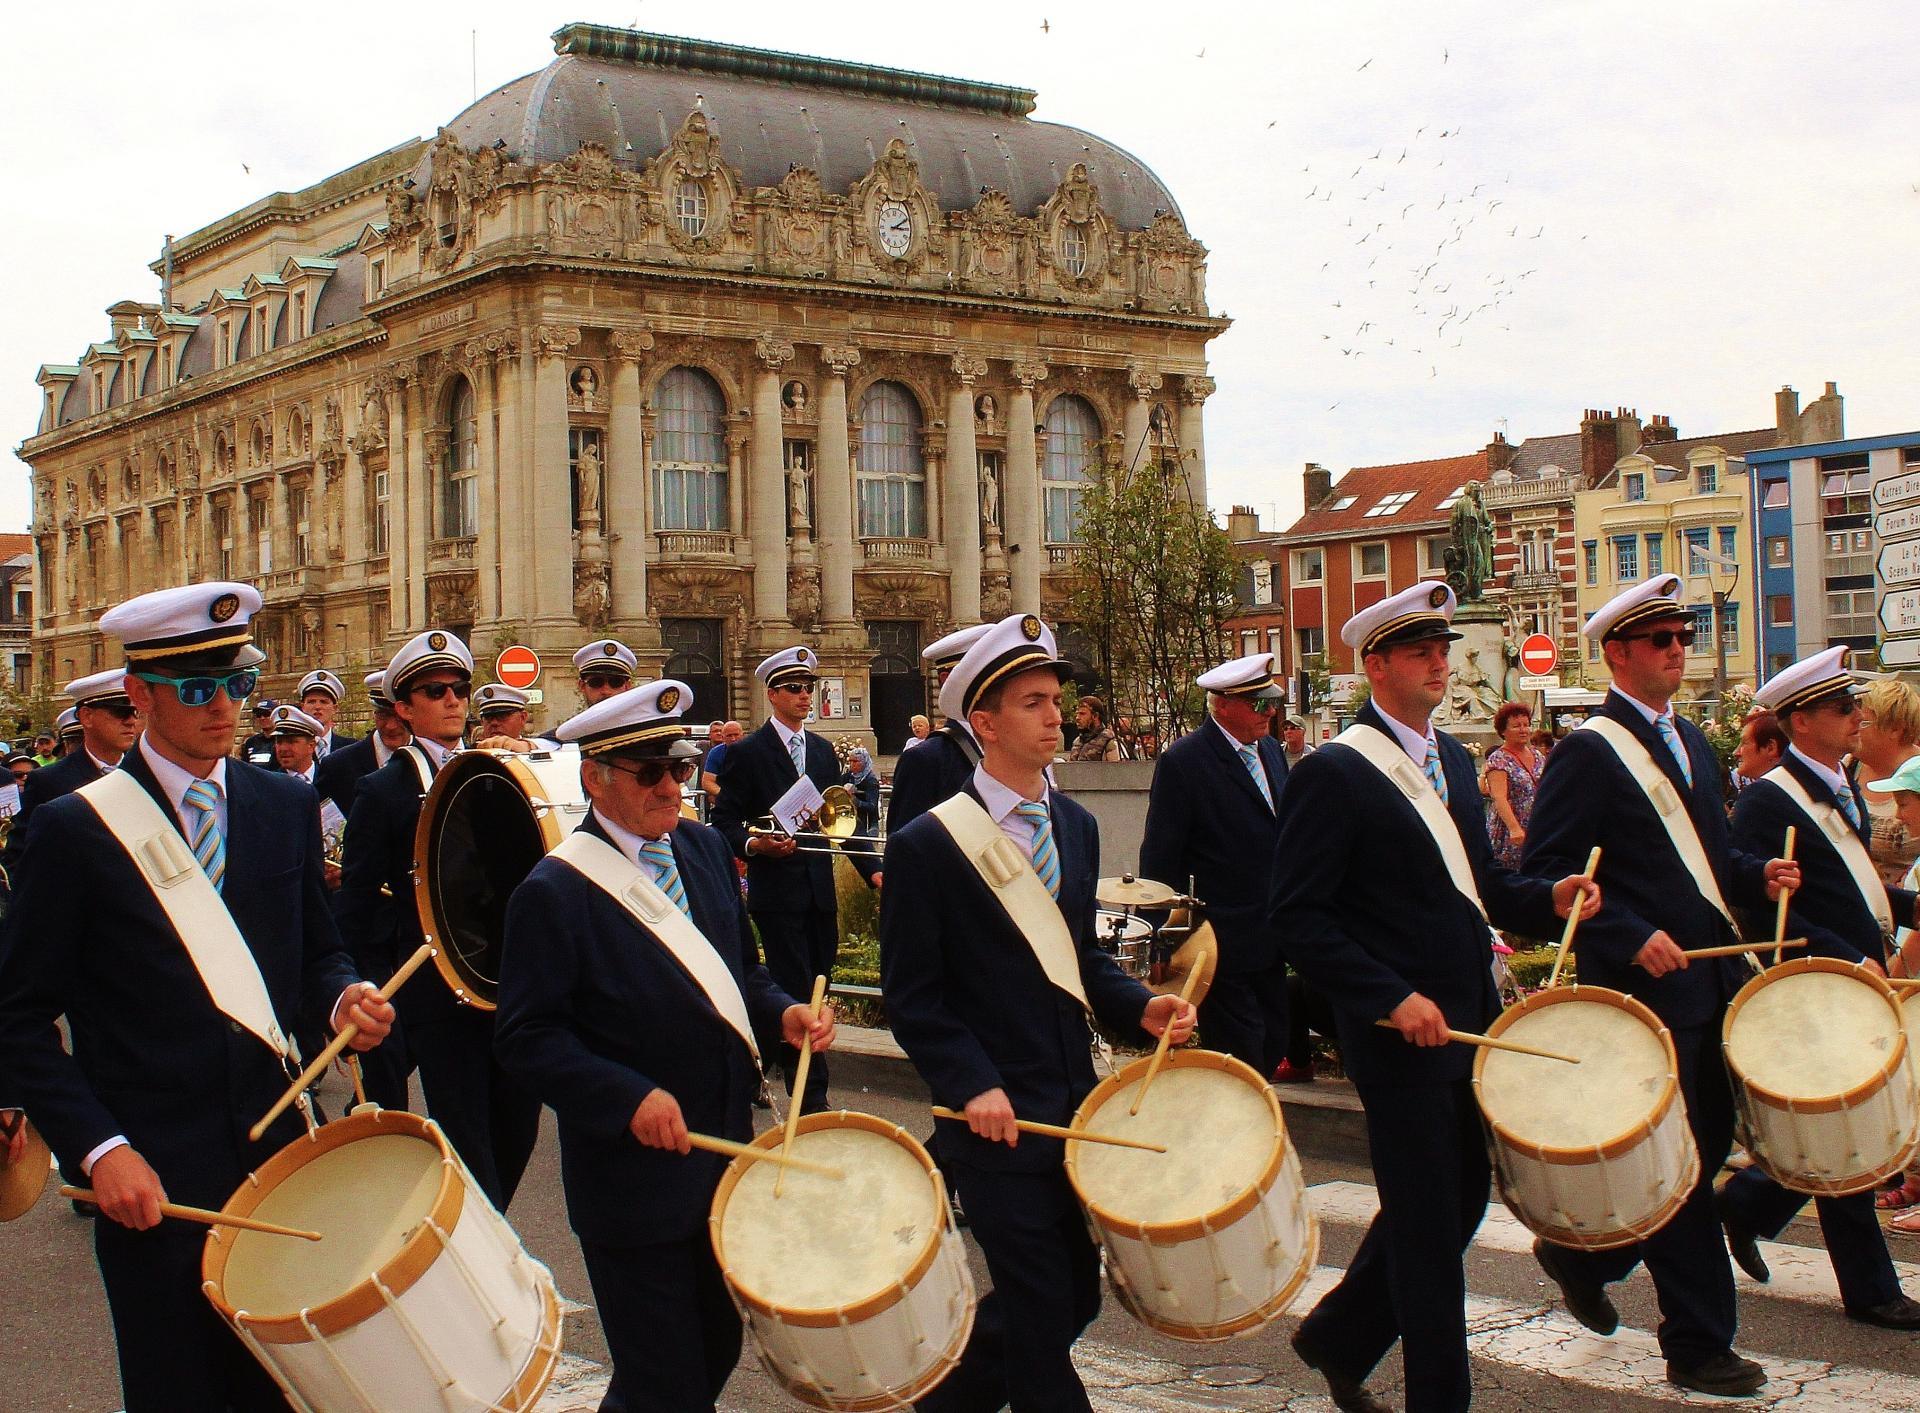 Grande parade musicale de calais anime l ete l harmonie municipale de calais